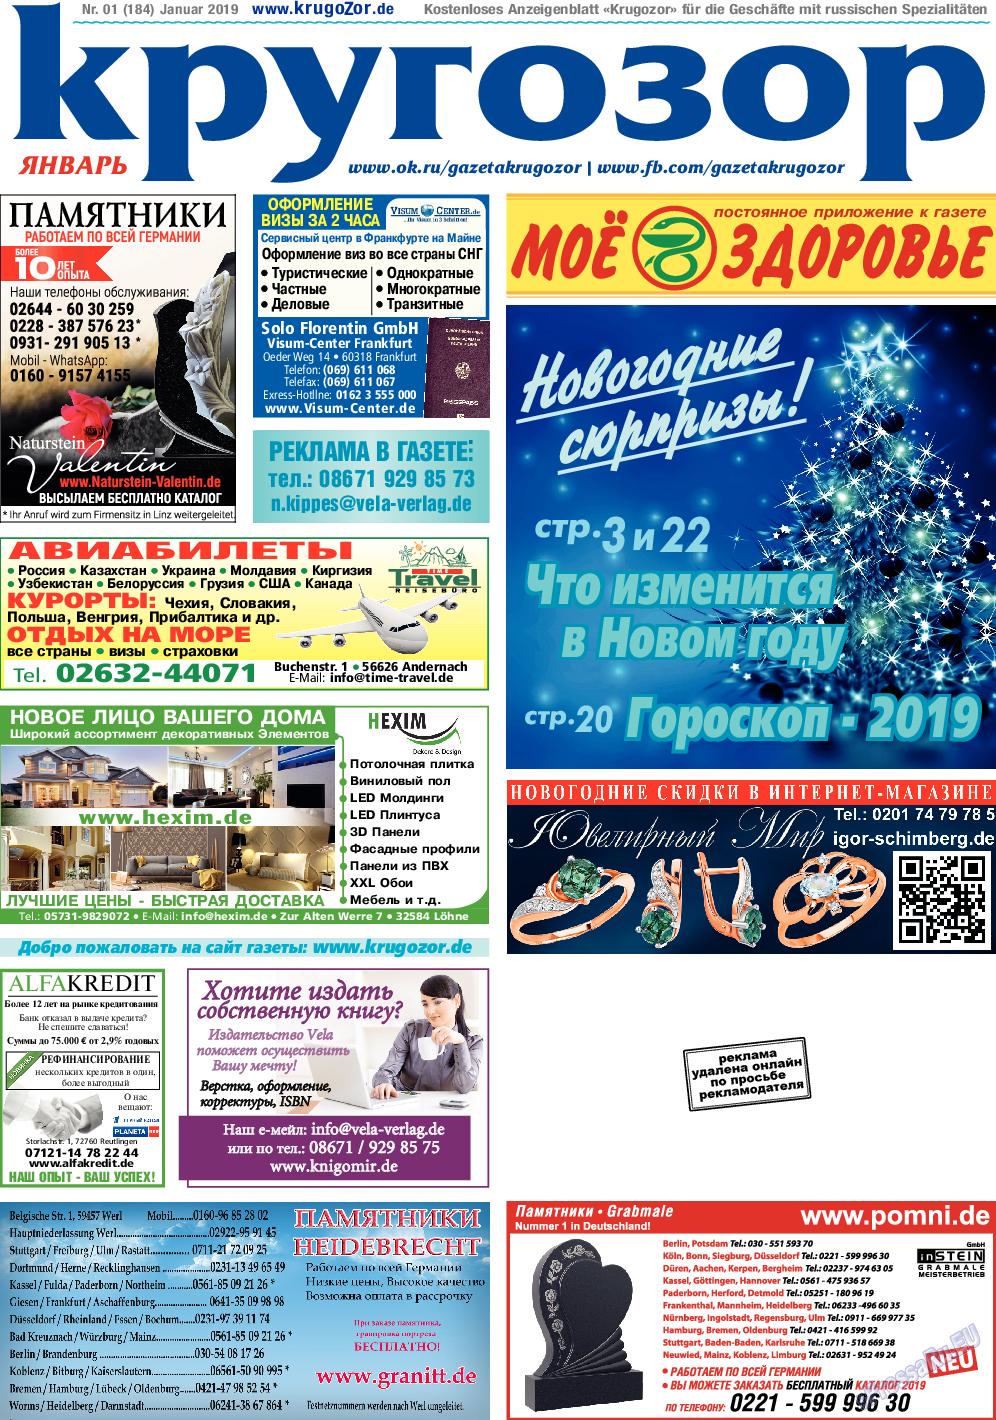 Кругозор (газета). 2019 год, номер 1, стр. 1